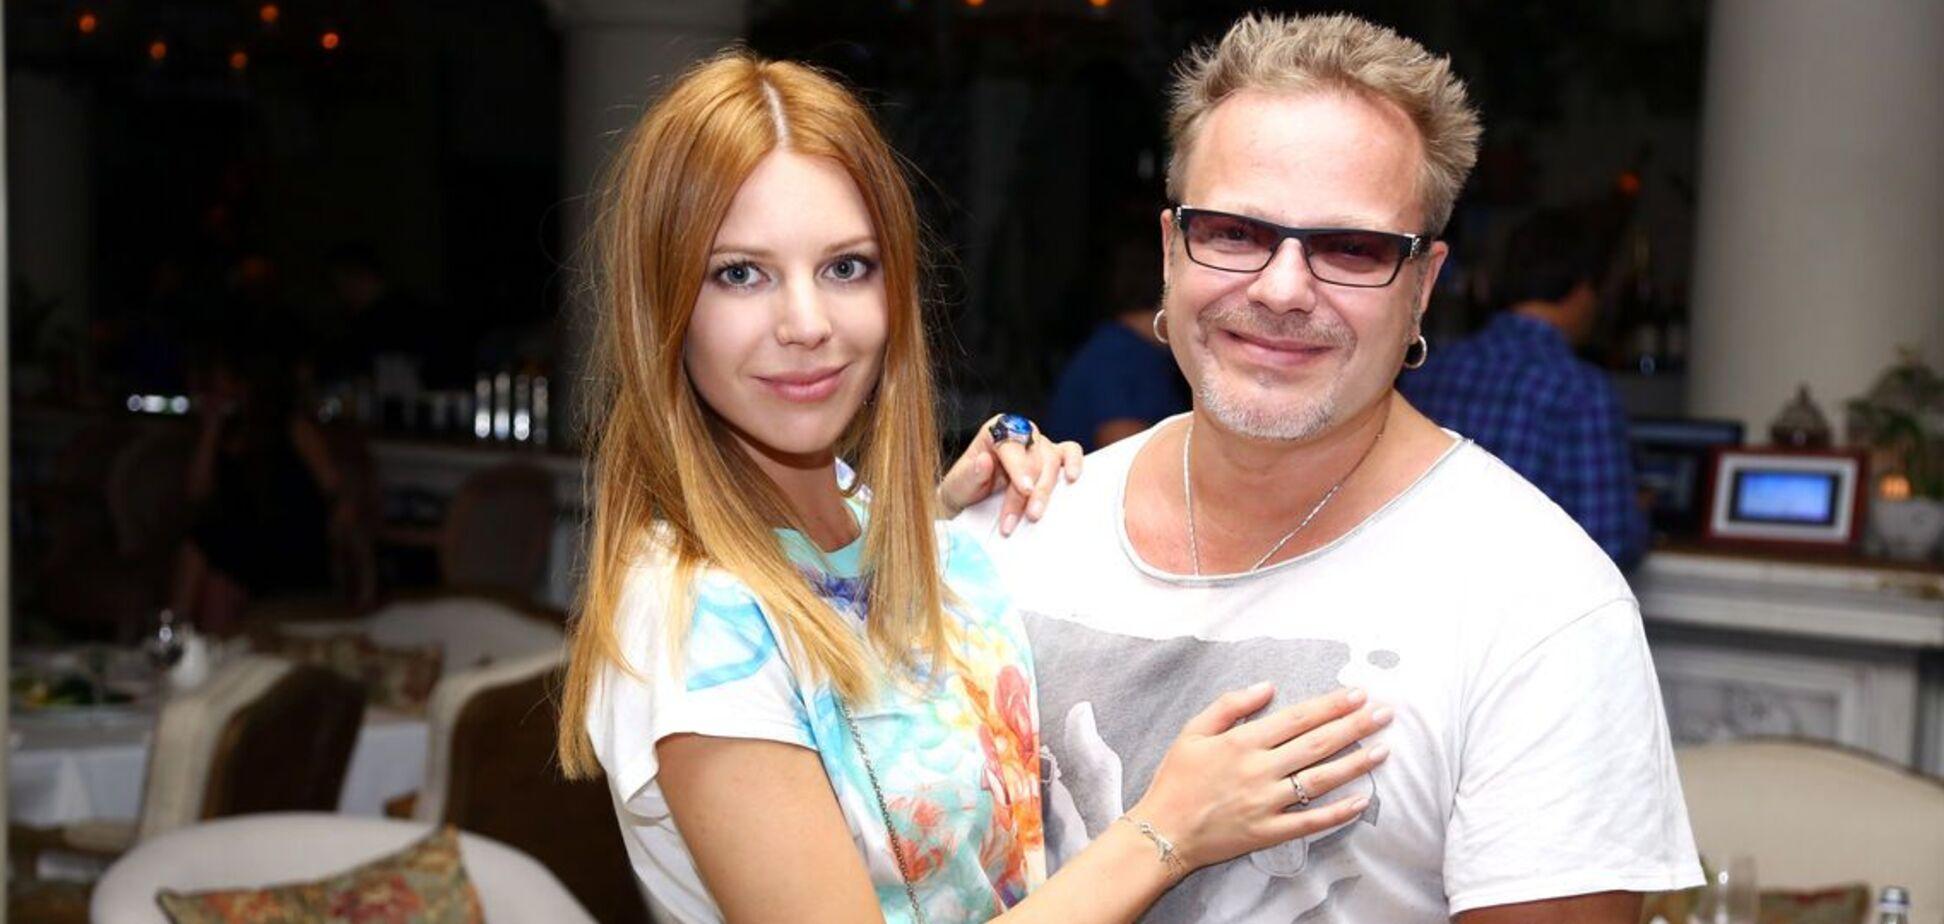 Наталья Подольская и Владимир Пресняков во второй раз стали родителями